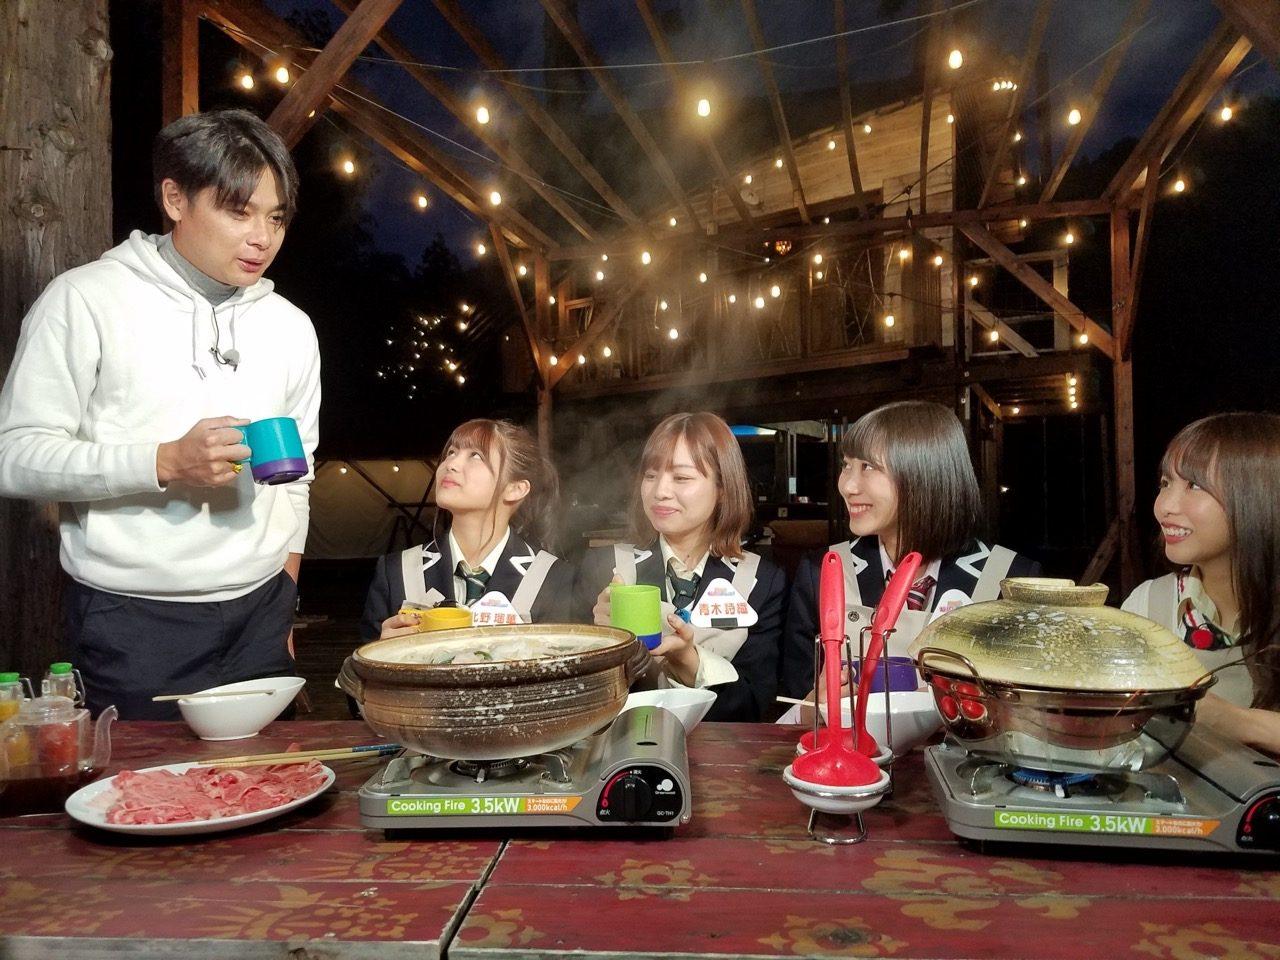 「SKE48 むすびのイチバン!」愛知県岡崎市の人気キャンプ場でプチ忘年会! [12/4 24:25~]